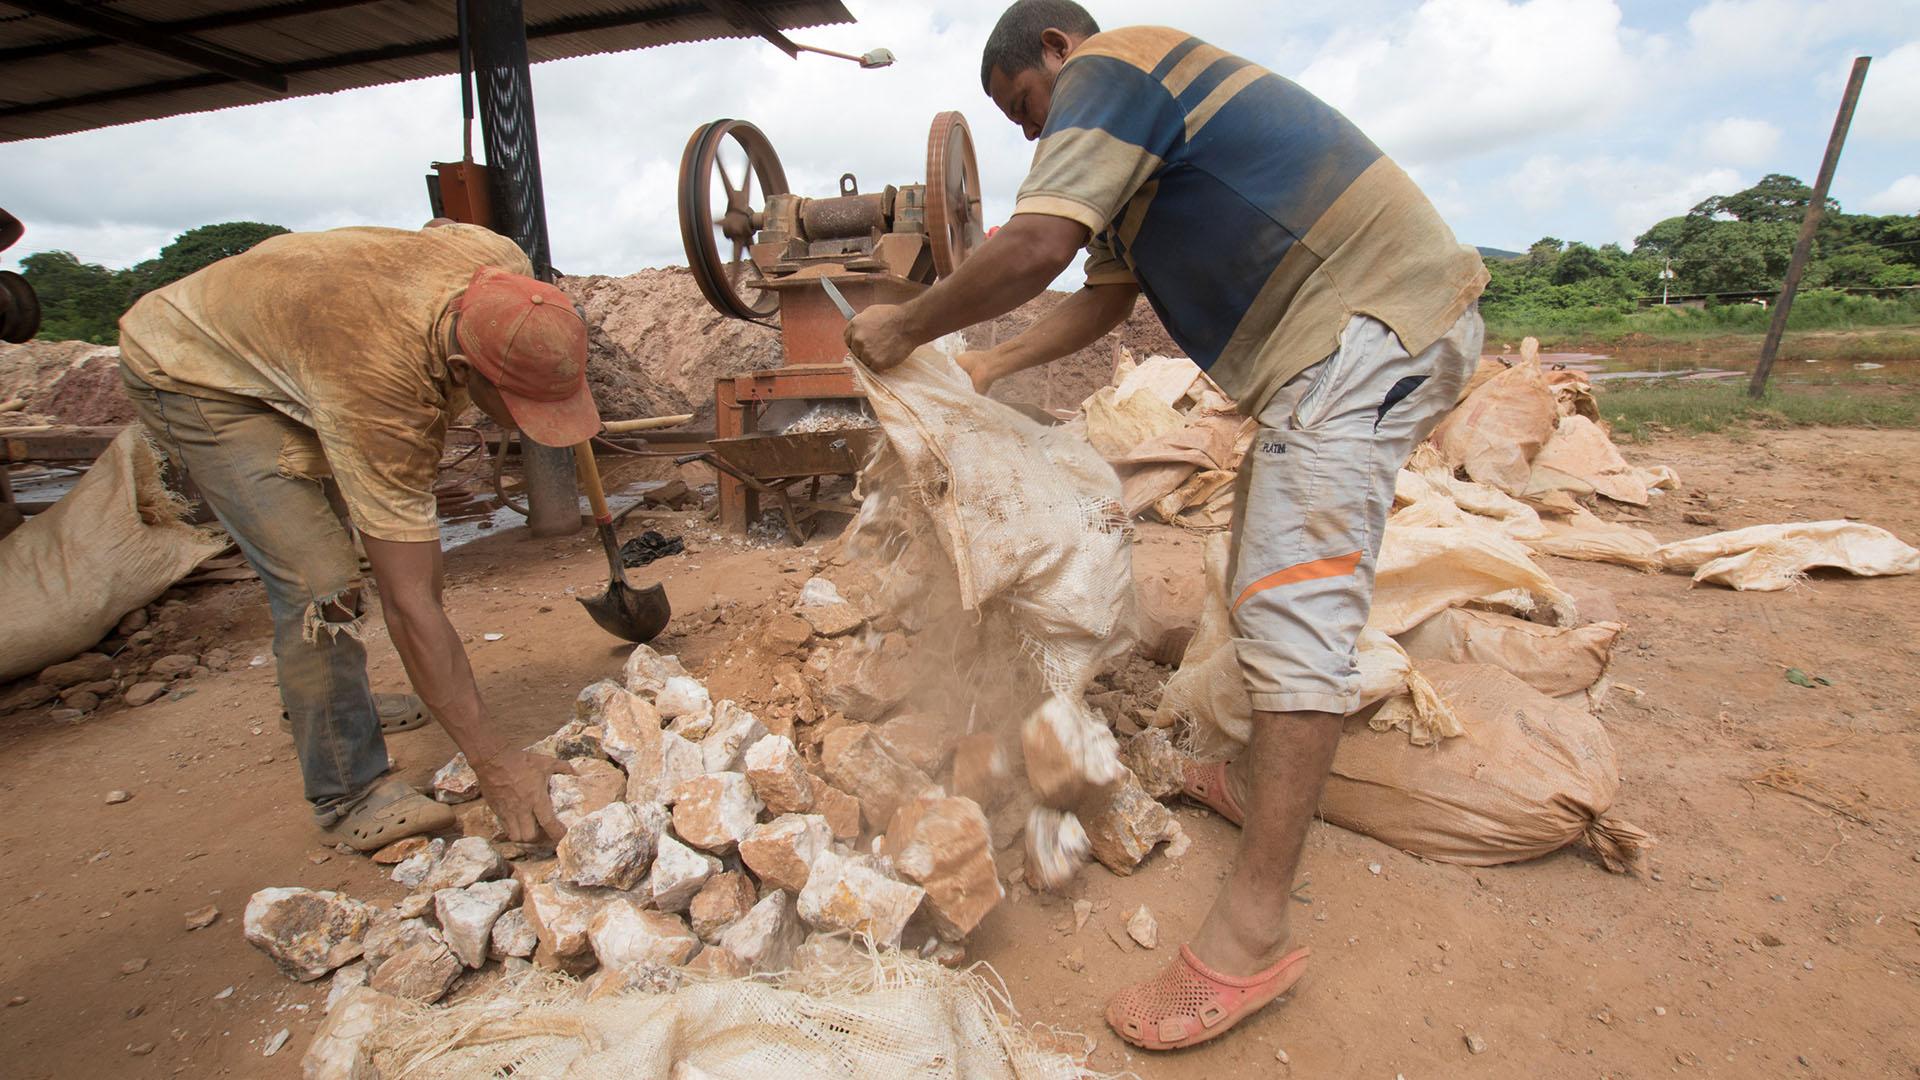 Los mineros trabajan en condiciones insalubres (Reuters)